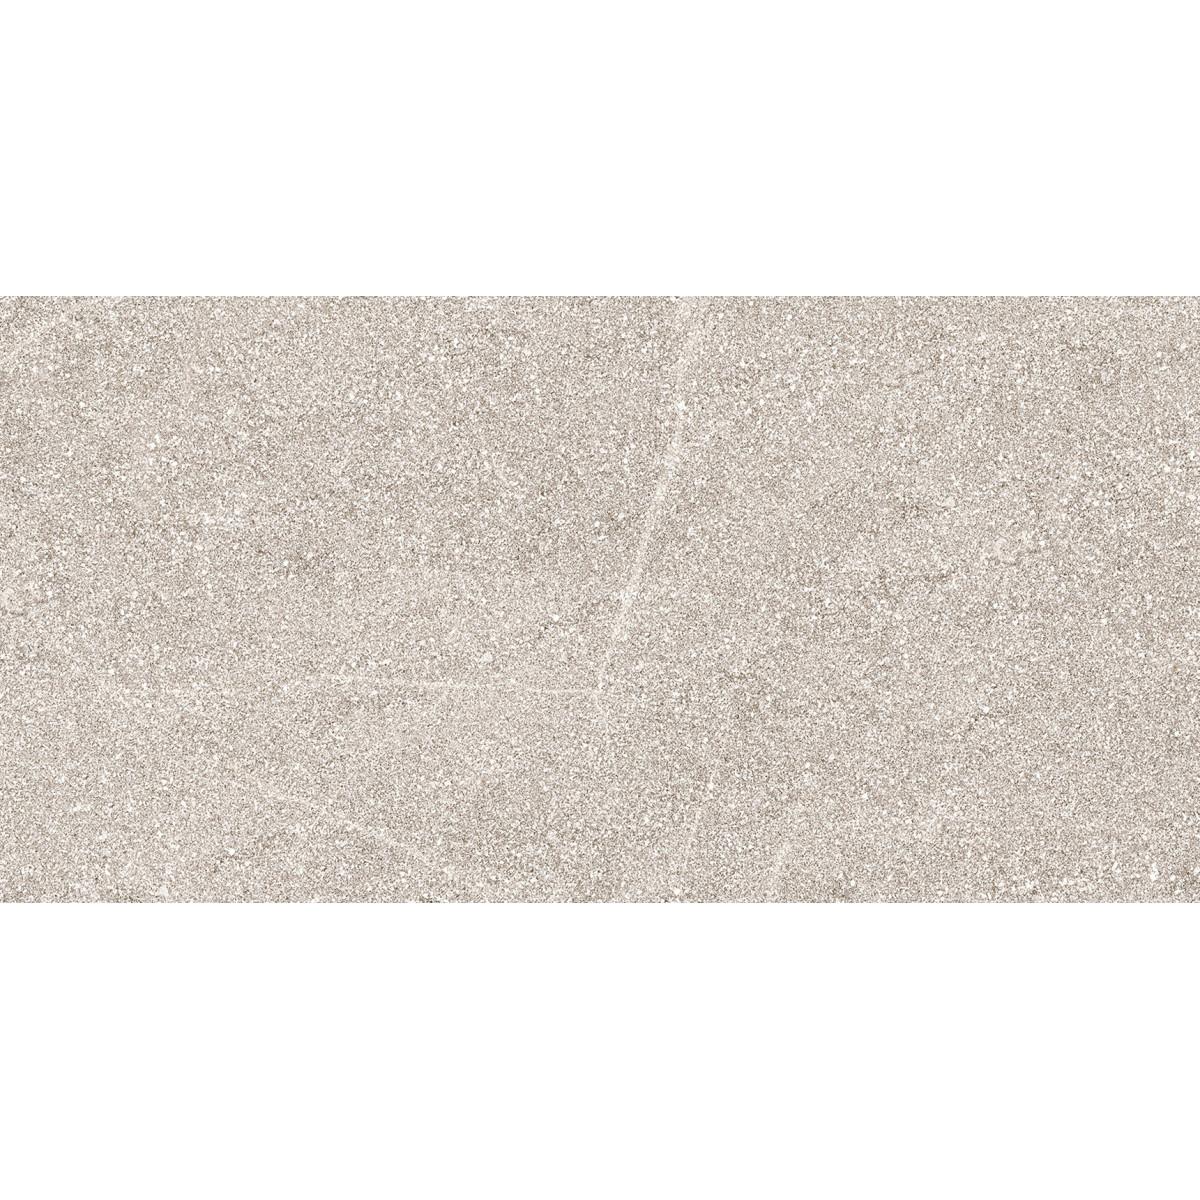 Плитка уверсальная Lille 30.7х60.7 см 1.49 м2 цвет светло-серый